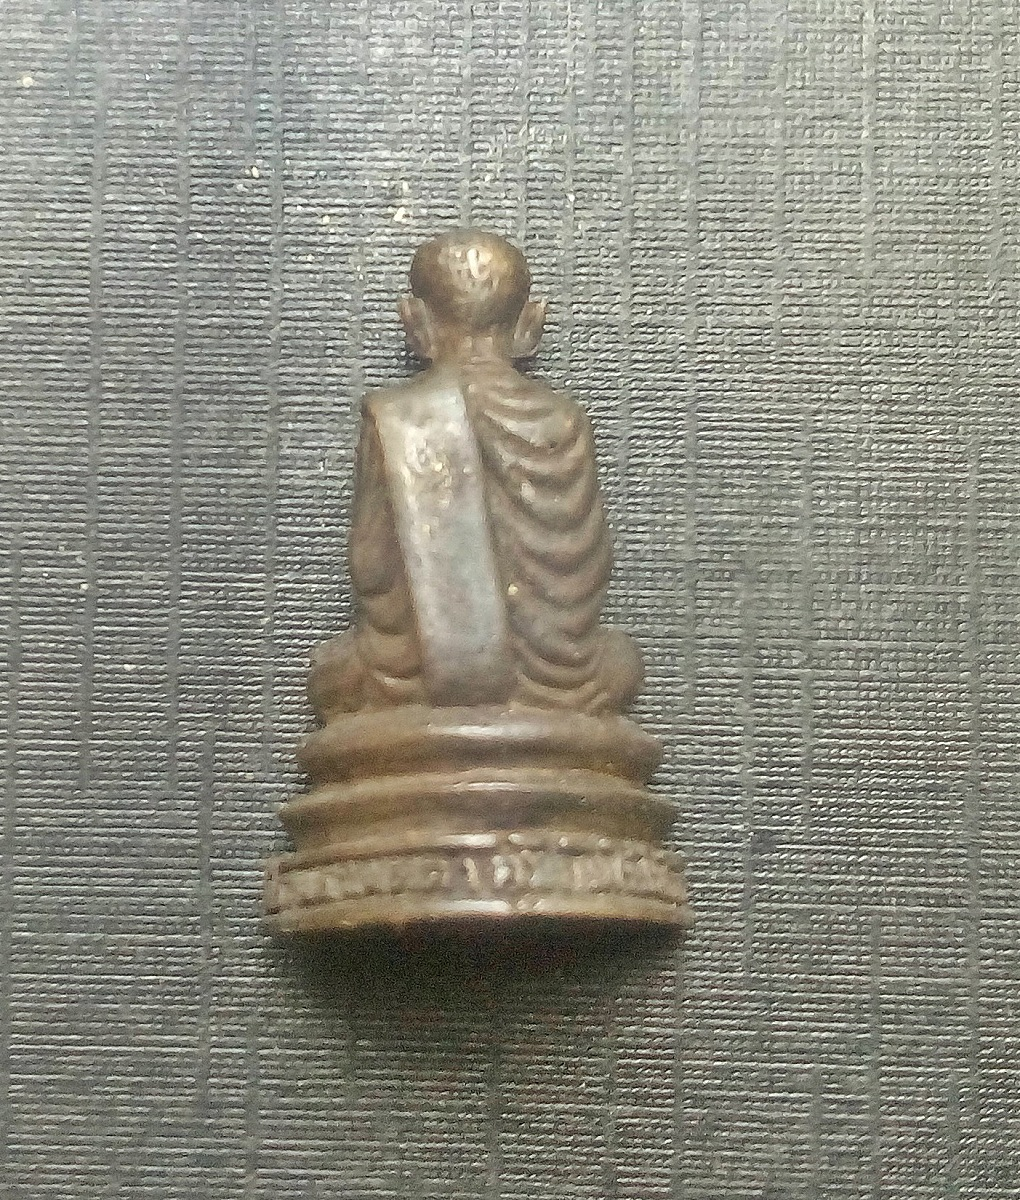 รูปหล่อสมเด็จพระพุฒาจารย์ ( โต พรหมรังษี )